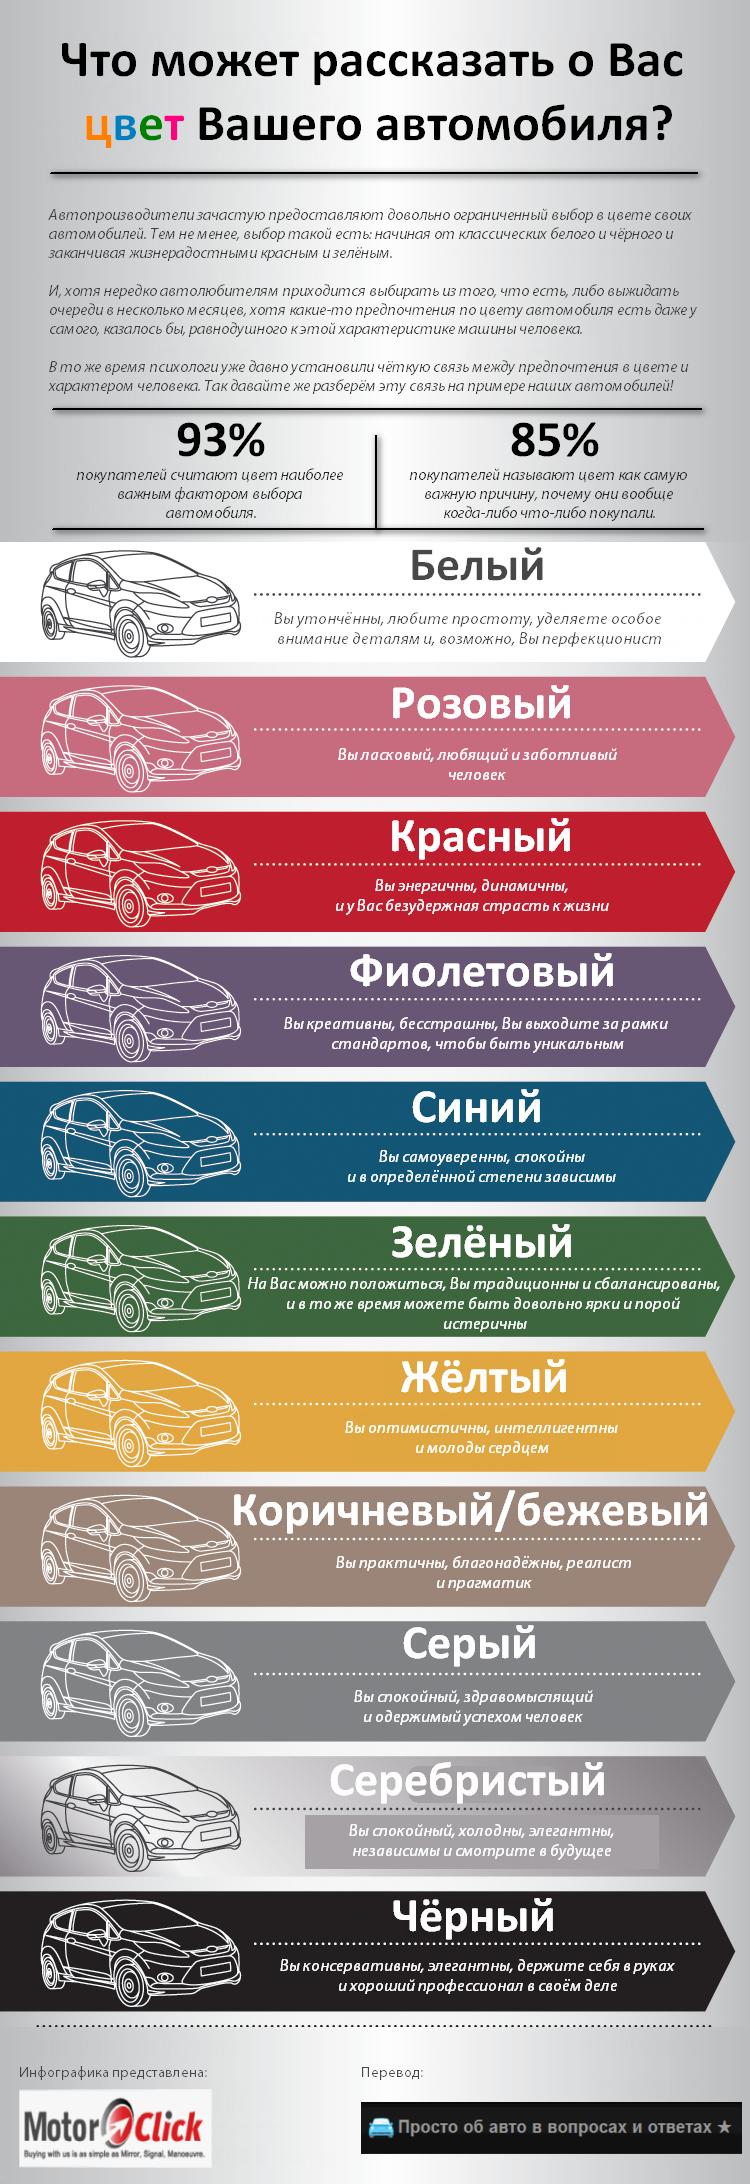 Определяем основные черты характера человека по цвету его автомобиля